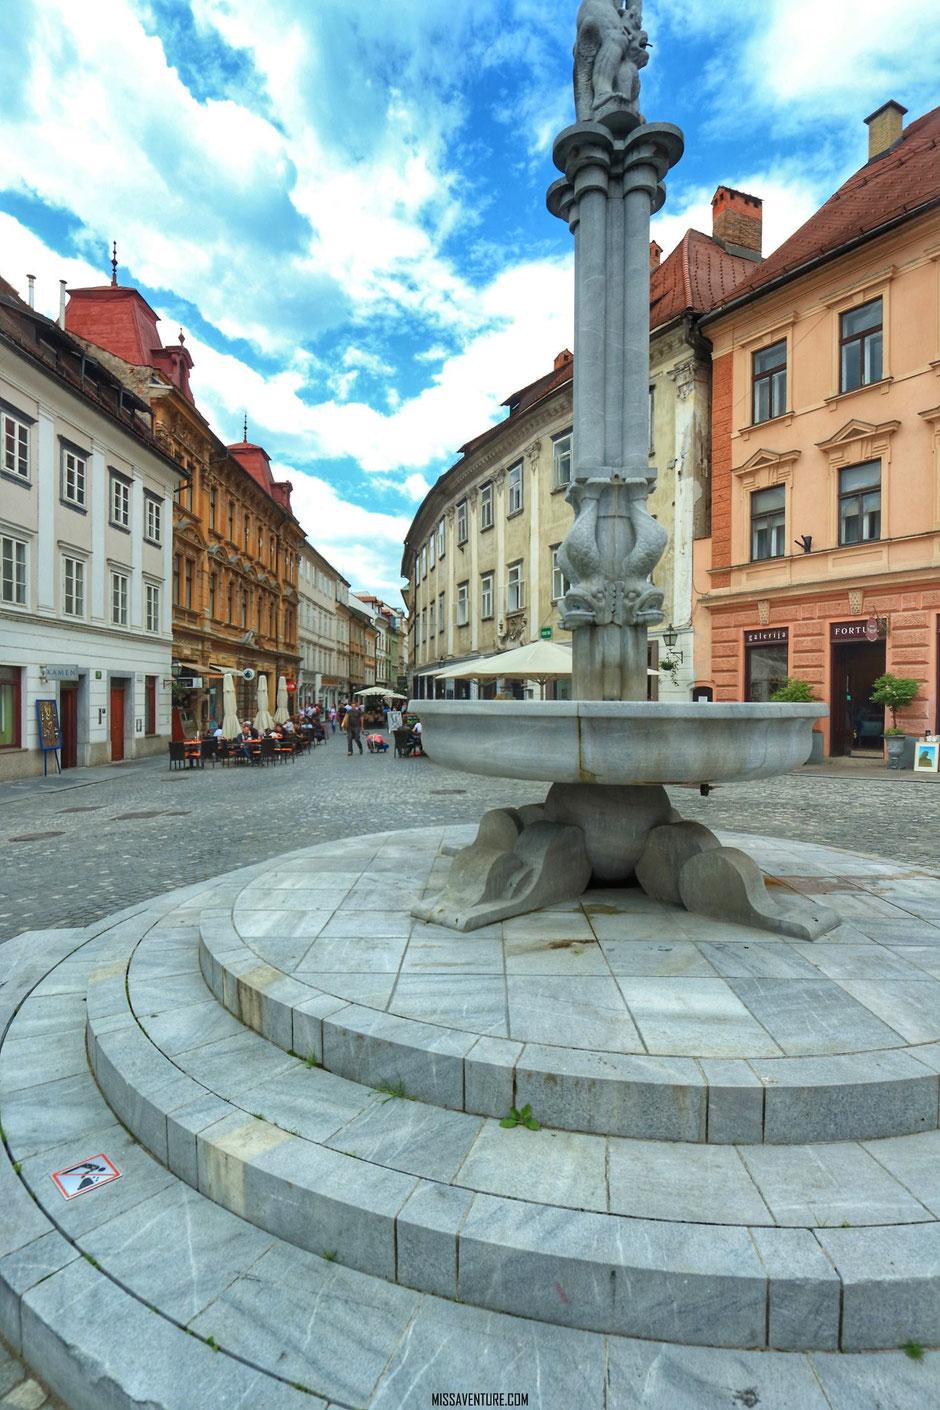 Le quartier historique, Ljubljana, SLOVÉNIE. www.missaventure.com blog voyage d'aventures, nature et photos. Road trip en Slovénie